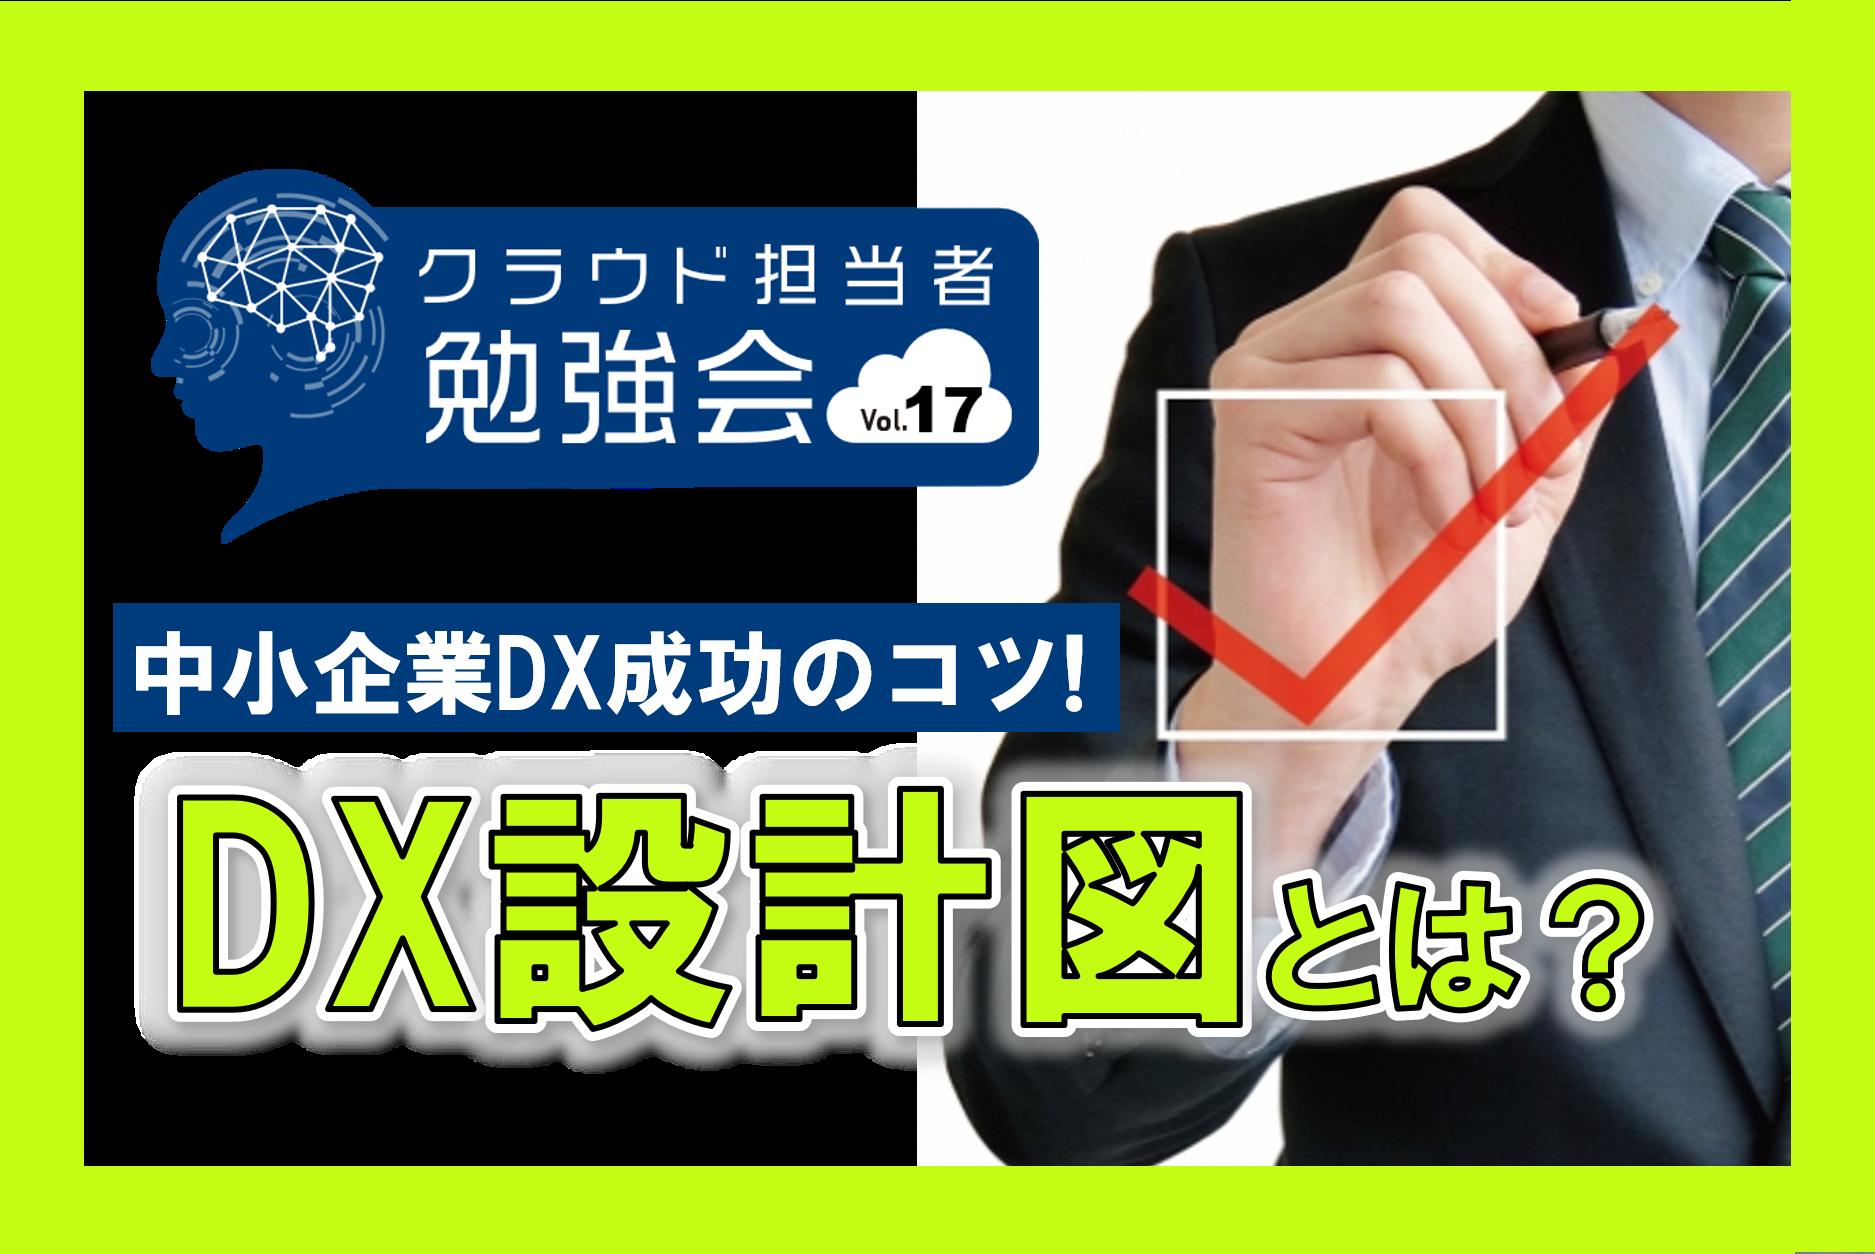 【具体例つき】DX(デジタルトランスフォーメーション)の成否を分ける!DX(デジタルトランスフォーメーション)設計図のつくりかた